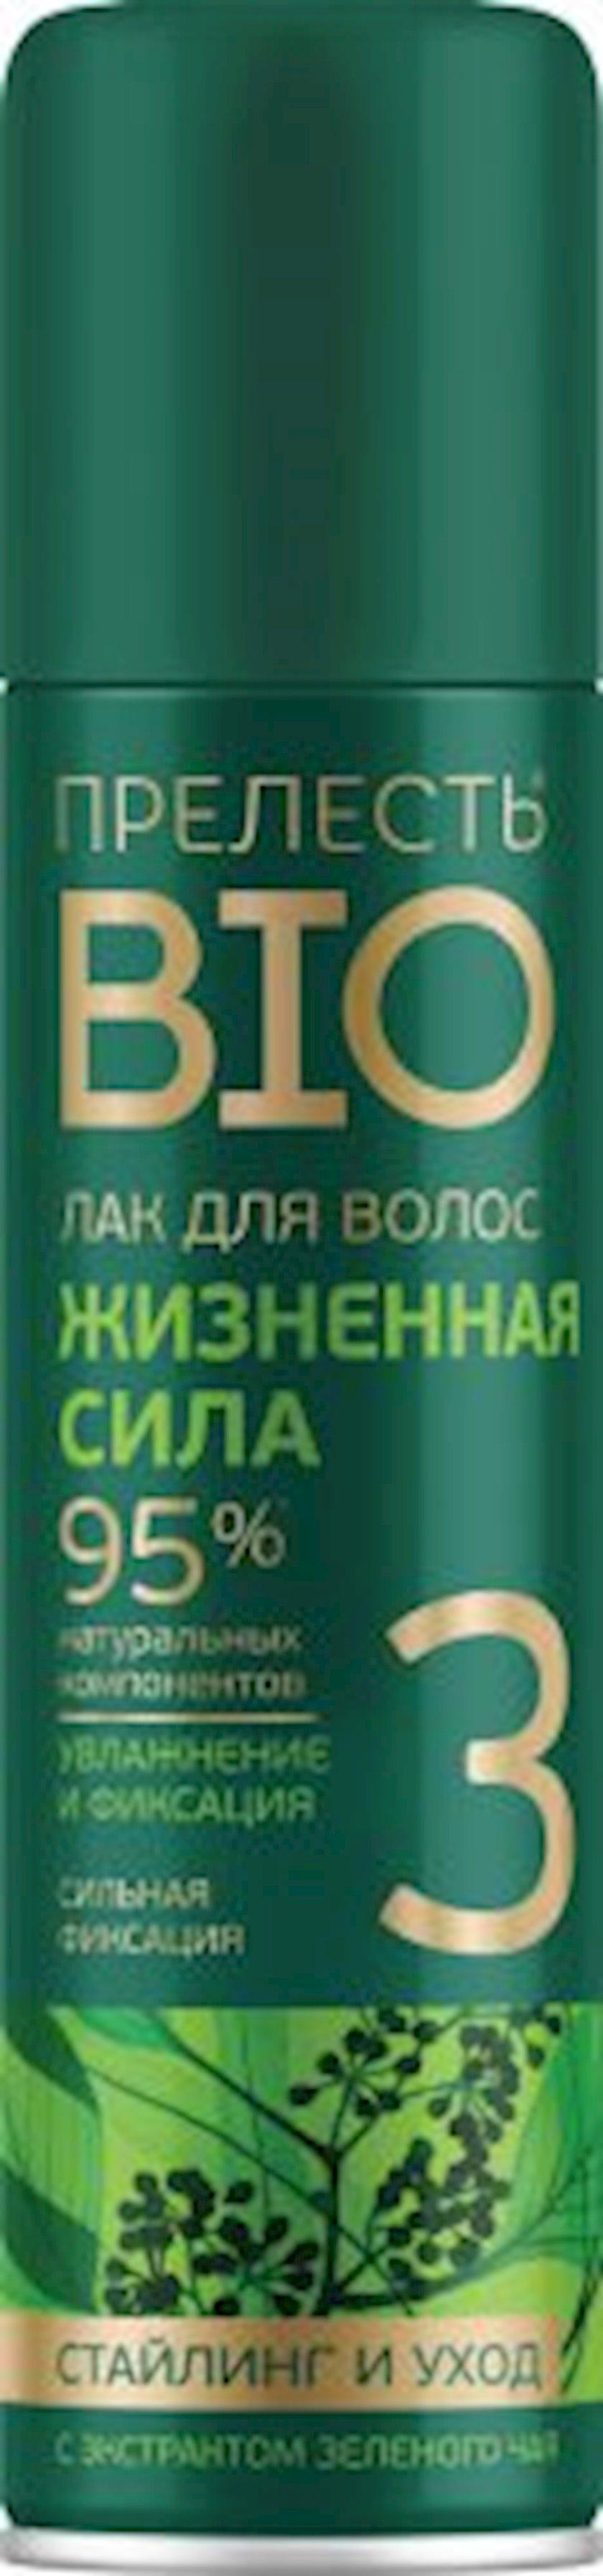 Saç üçün lak Прелесть Bio Həyat gücü 160 ml